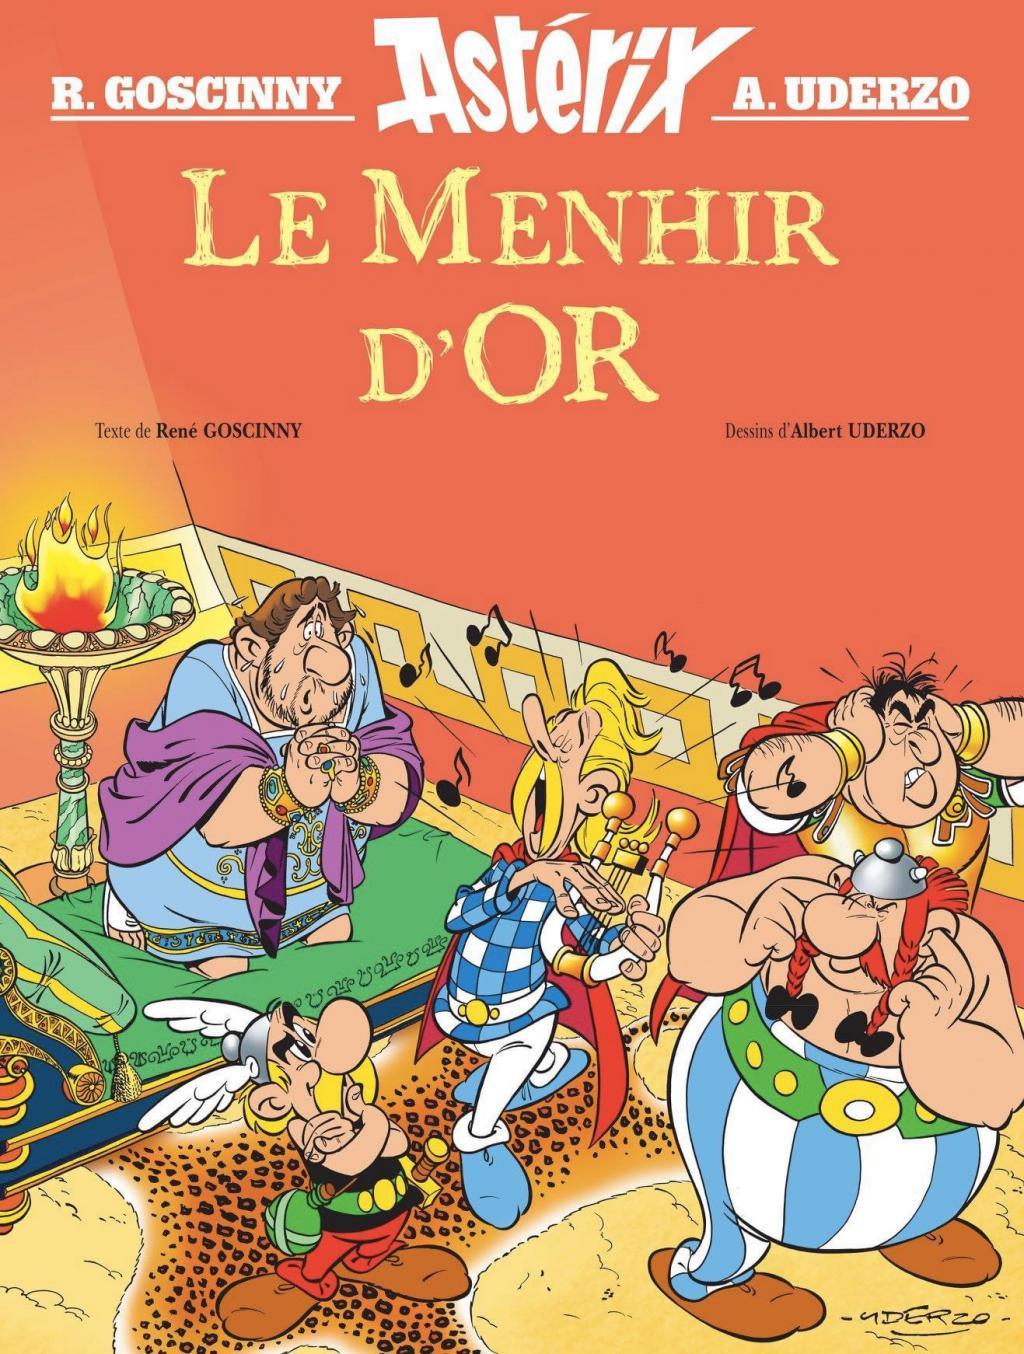 Asterix-Menhir-Or-Albert-Rene